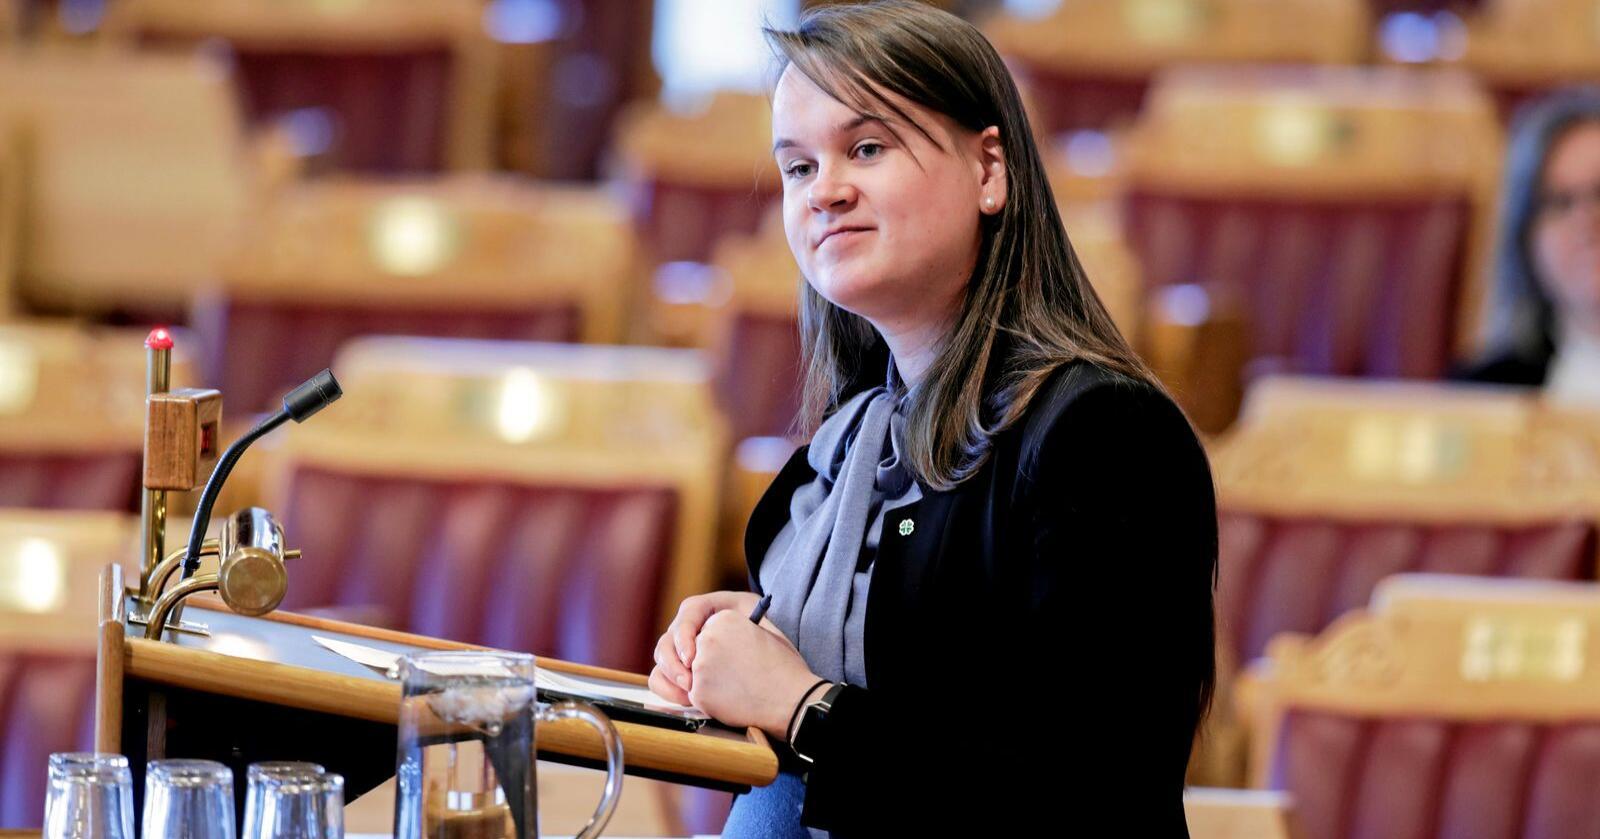 Mener fylkene bør bestemme: Marit Knutsdatter Strand (Sp) mener fylkene bør bestemme hvilken skole elevene skal gå på. Det er Høyre uenig i. Foto: Vidar Ruud / NTB scanpix